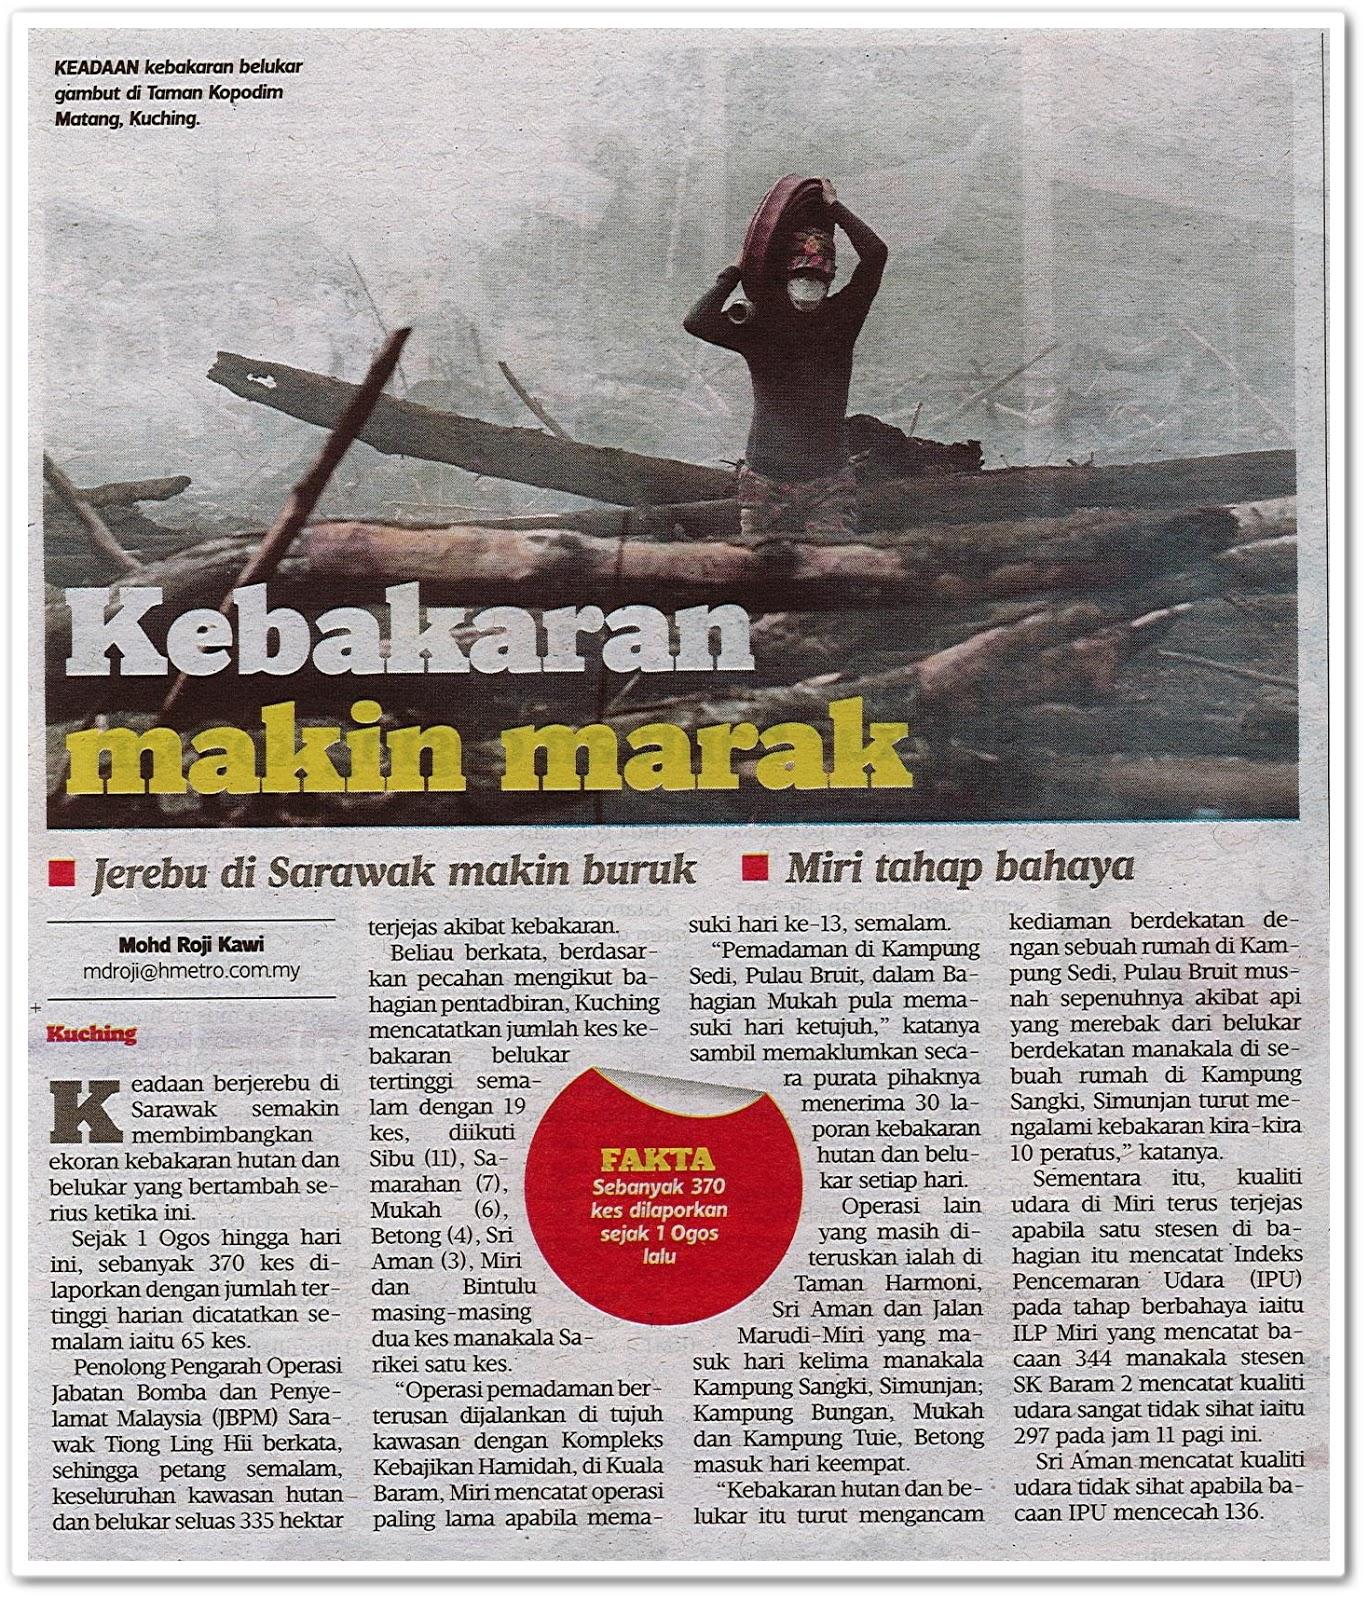 Kebakaran makin marak - Keratan akhbar Harian Metro 14 Ogos 2019